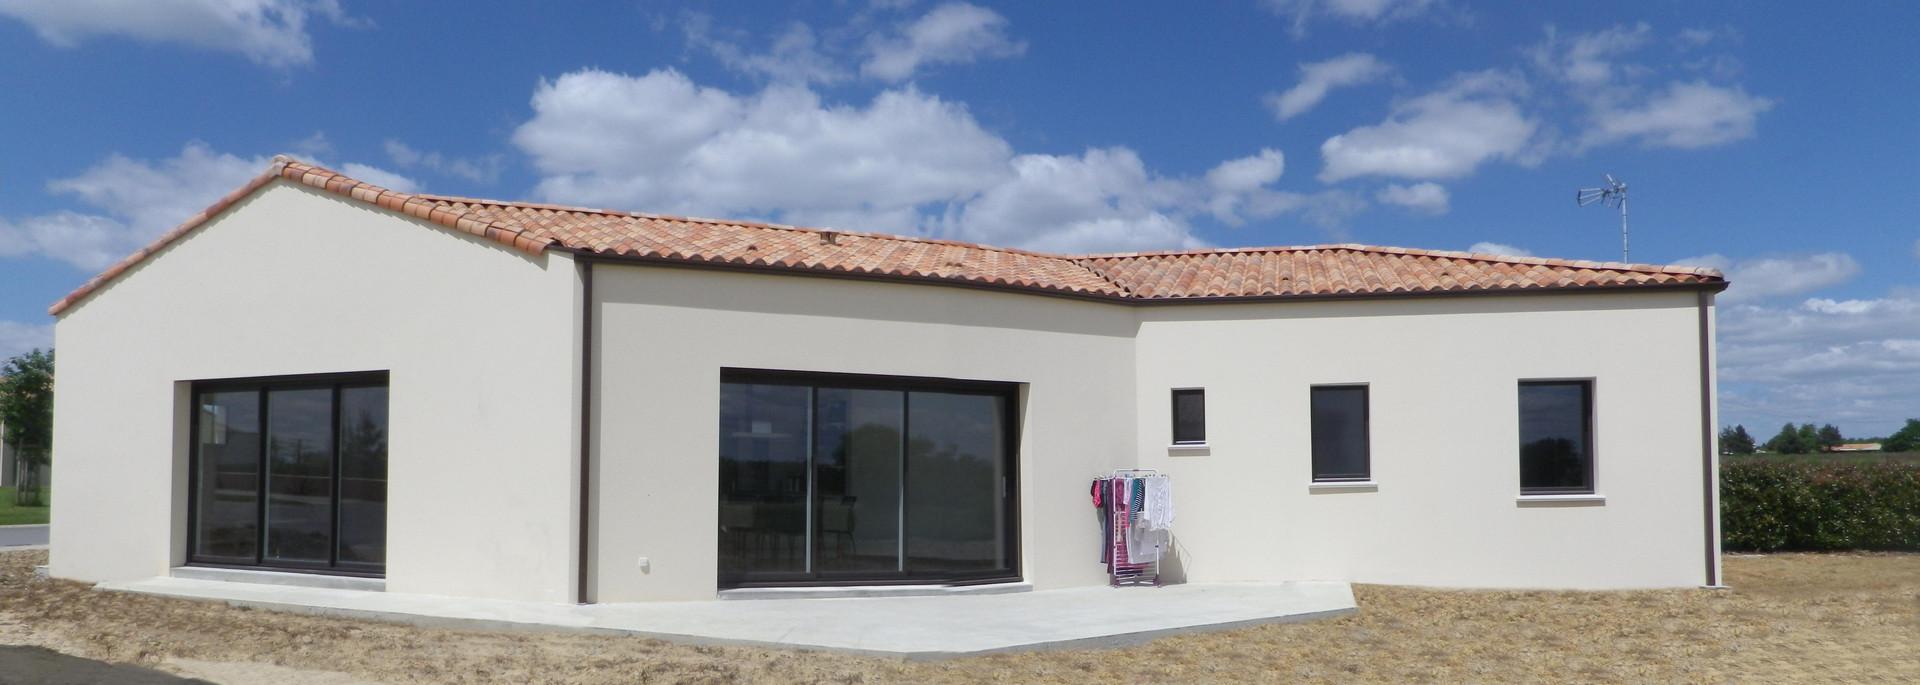 Maison traditionnelle avec partie toiture terrasse